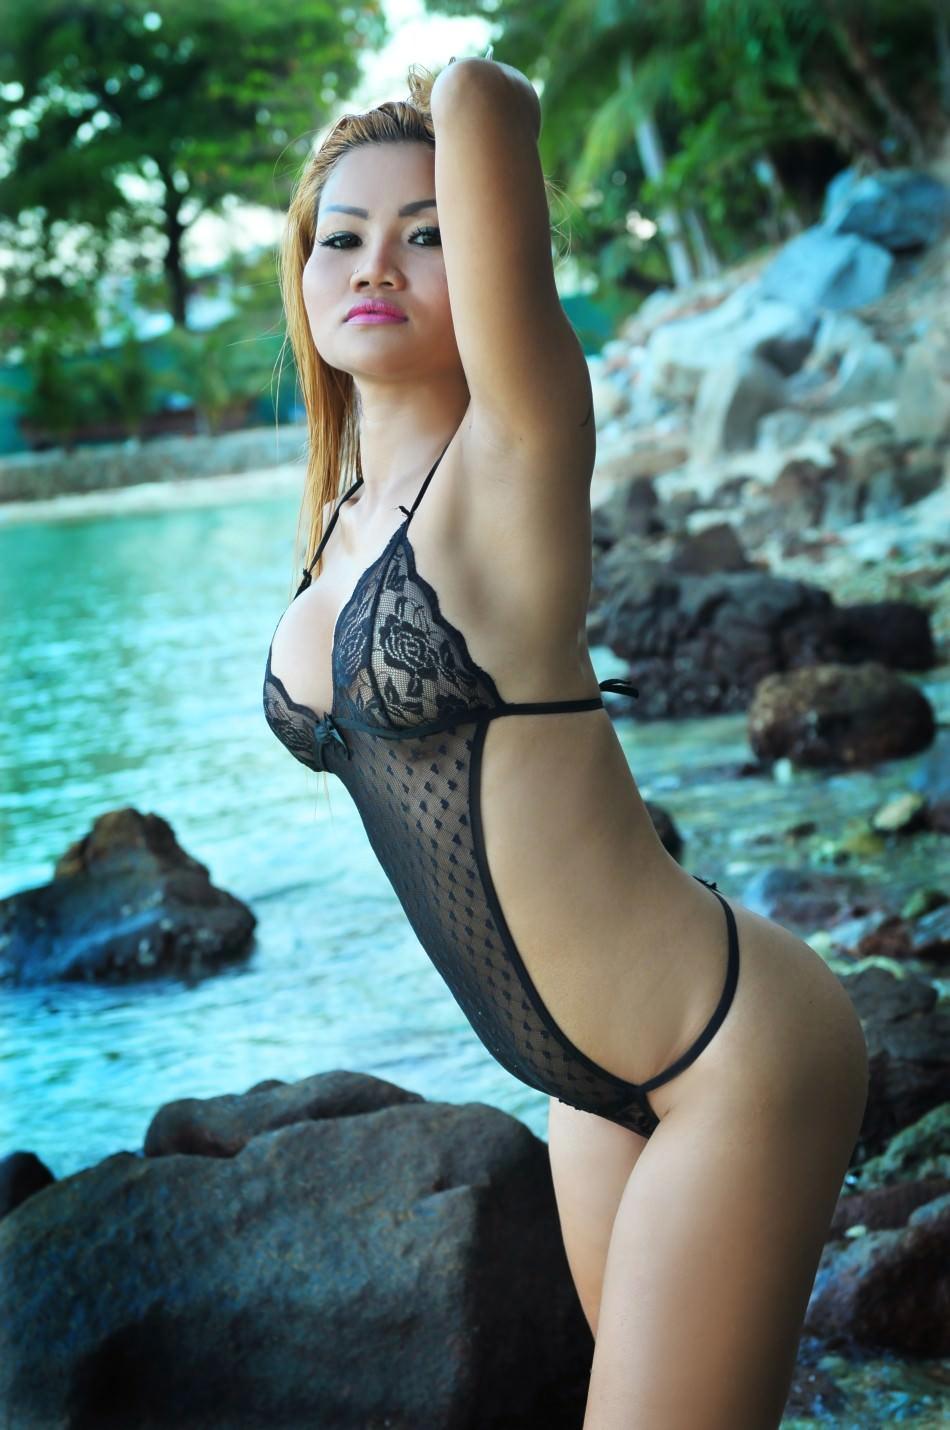 blackhair thai escort phuket